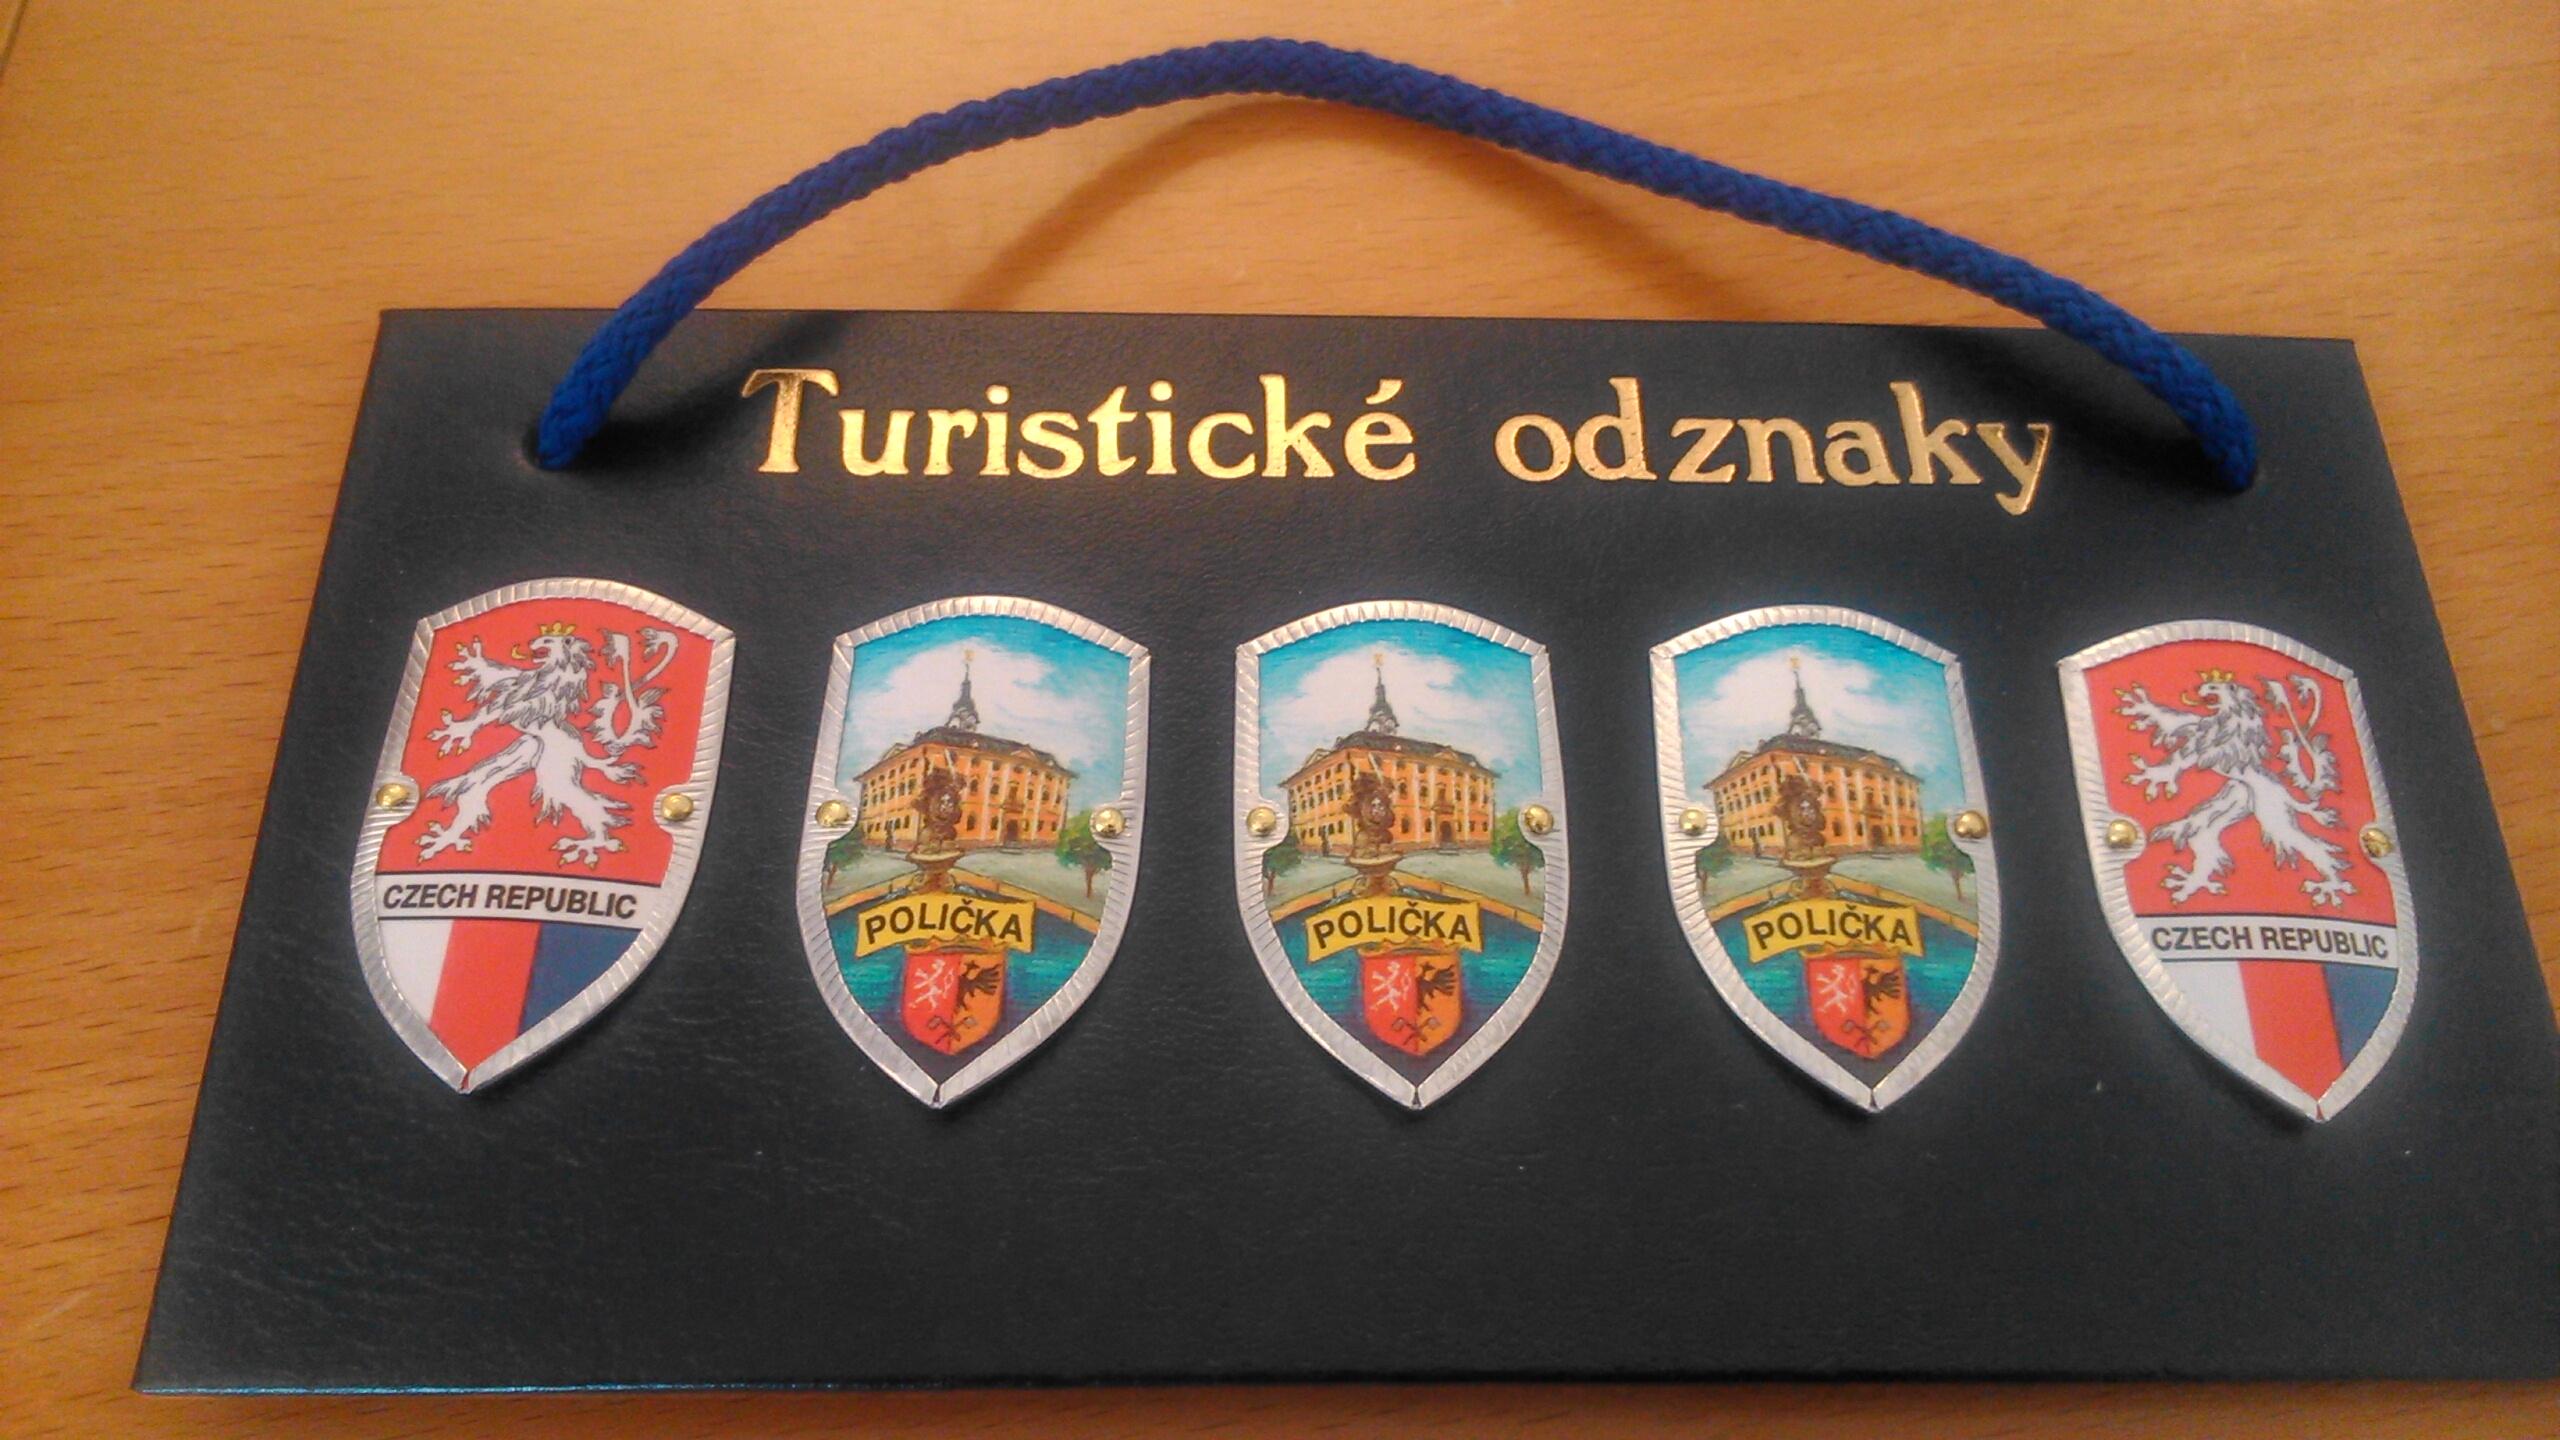 ae1577e20 Informační centrum Polička | Novinky - Turistické odznaky (štítky ...